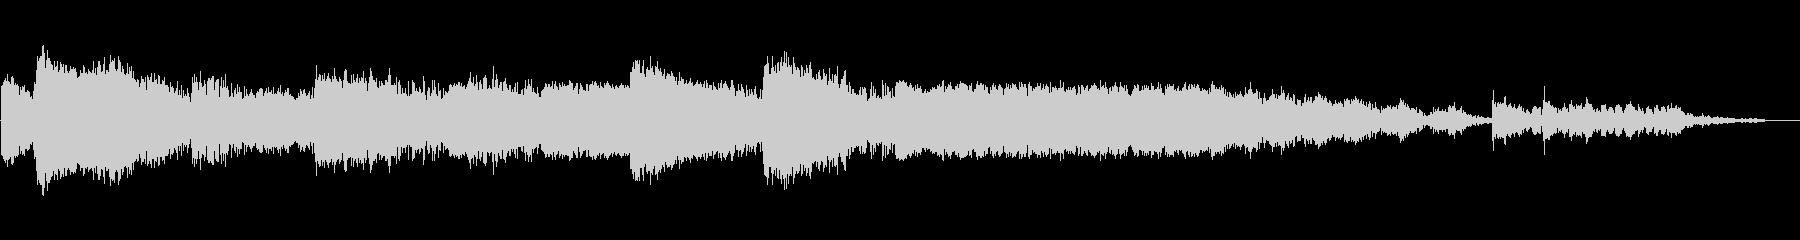 奇抜な混乱;ヴィンテージ録音;コミ...の未再生の波形